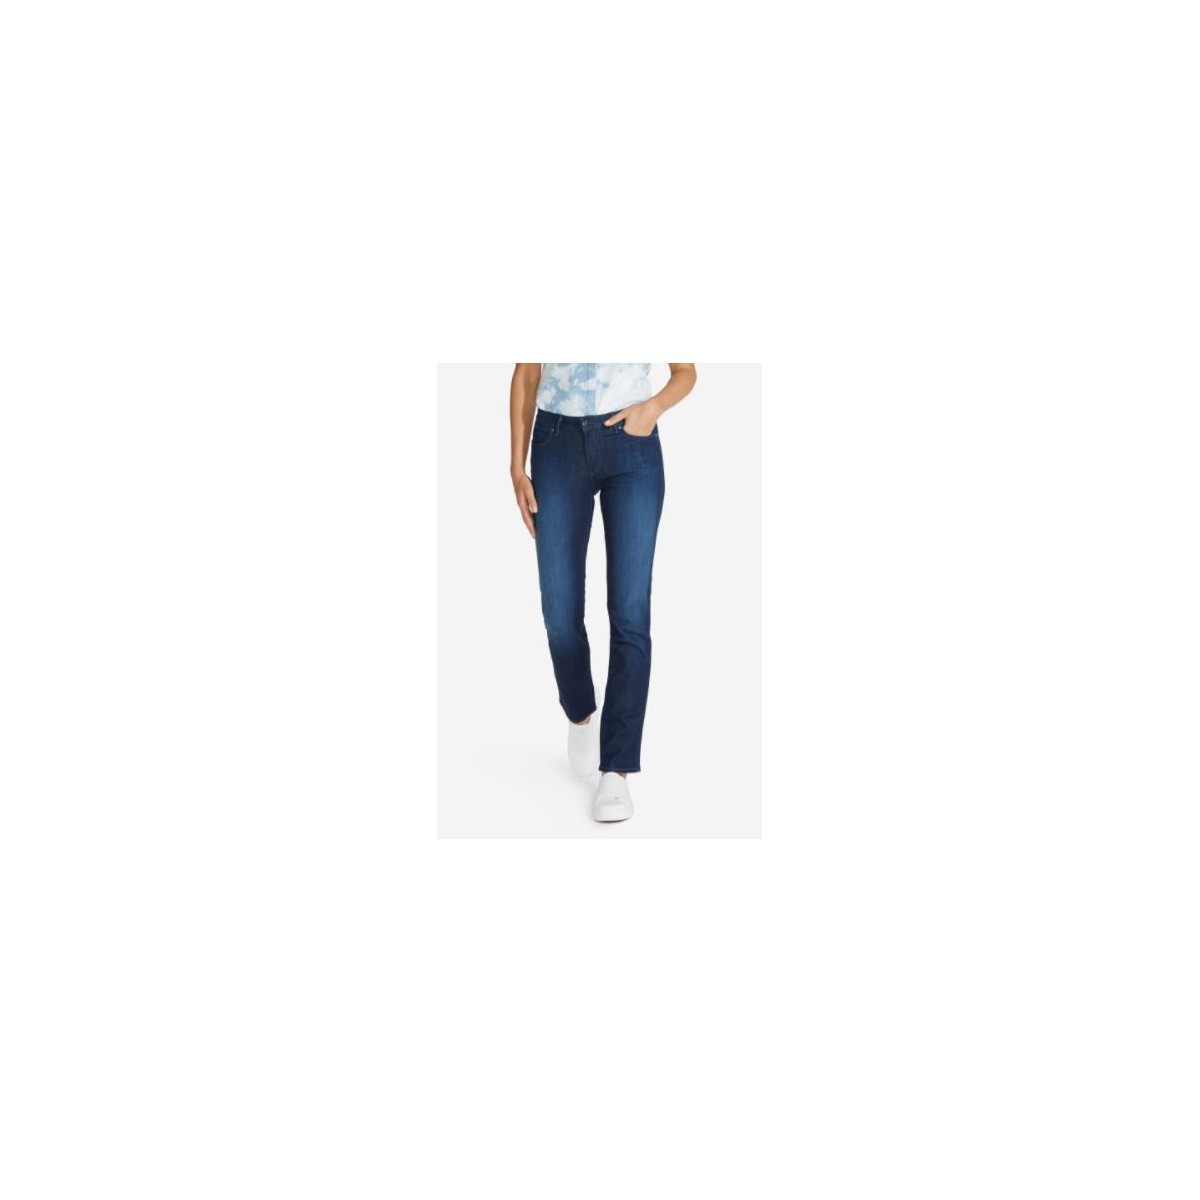 Subtle Wrangler Blue Jeans Wrangler Straight Jeans Blue Jeans Straight Straight Subtle X6RTw